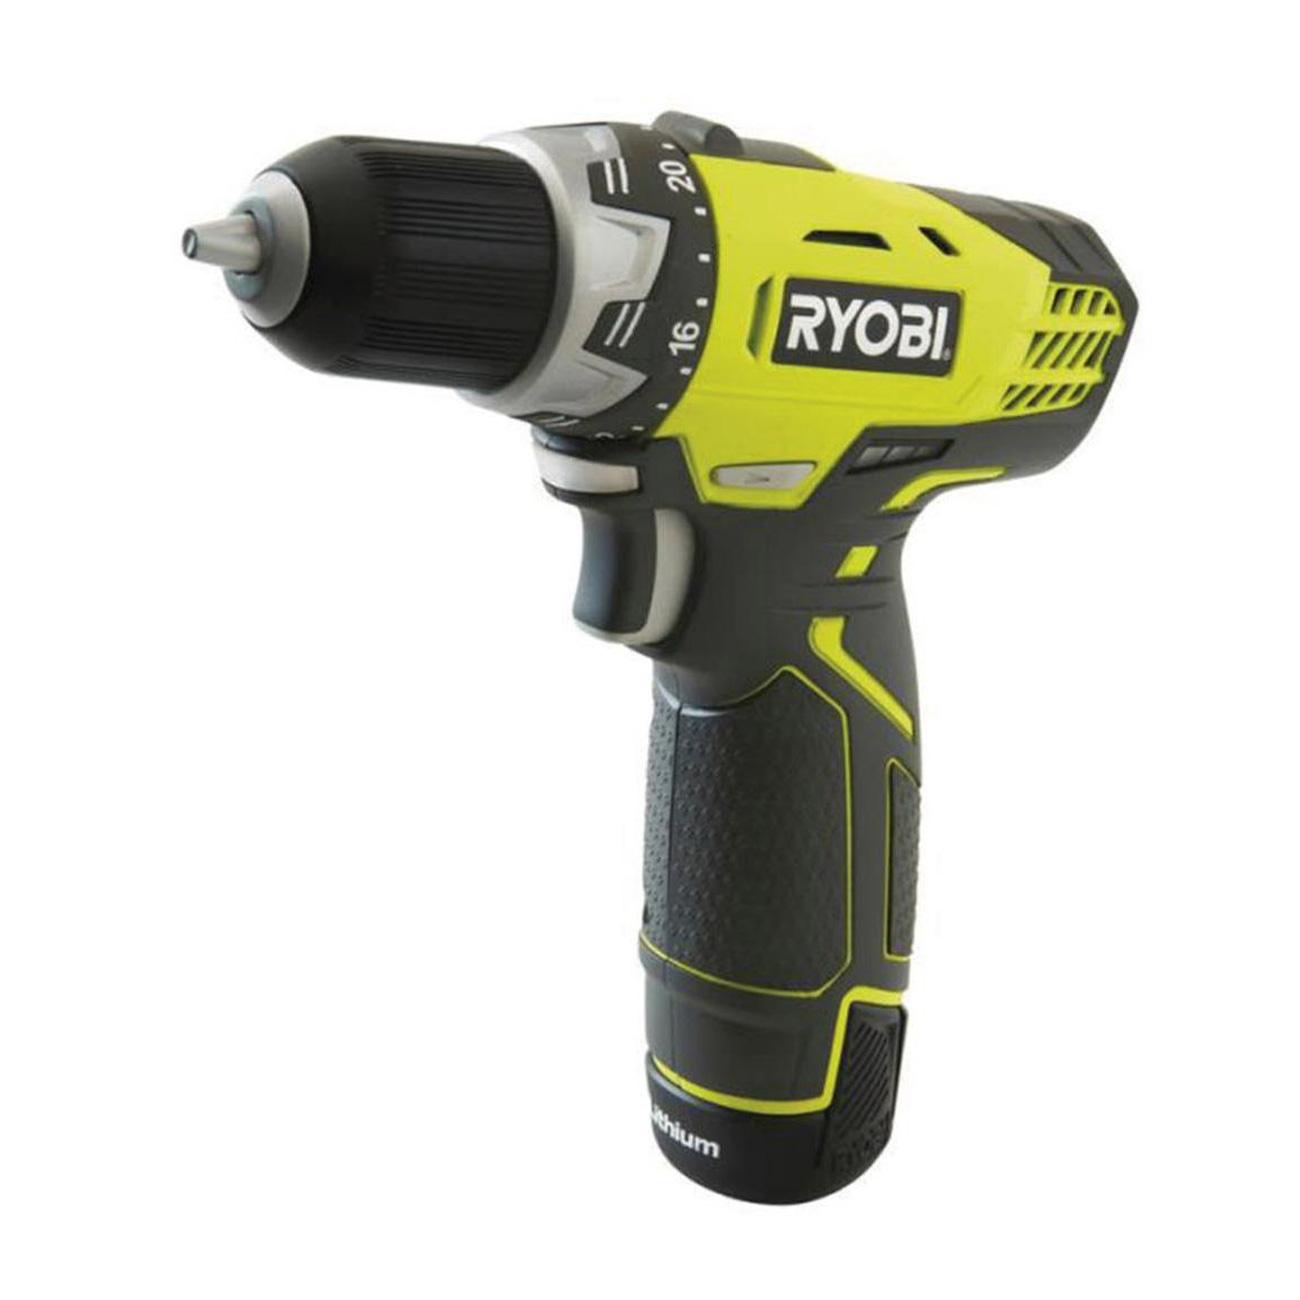 Ryobi R12DD-LL13S Cordless Screwdriver Drill